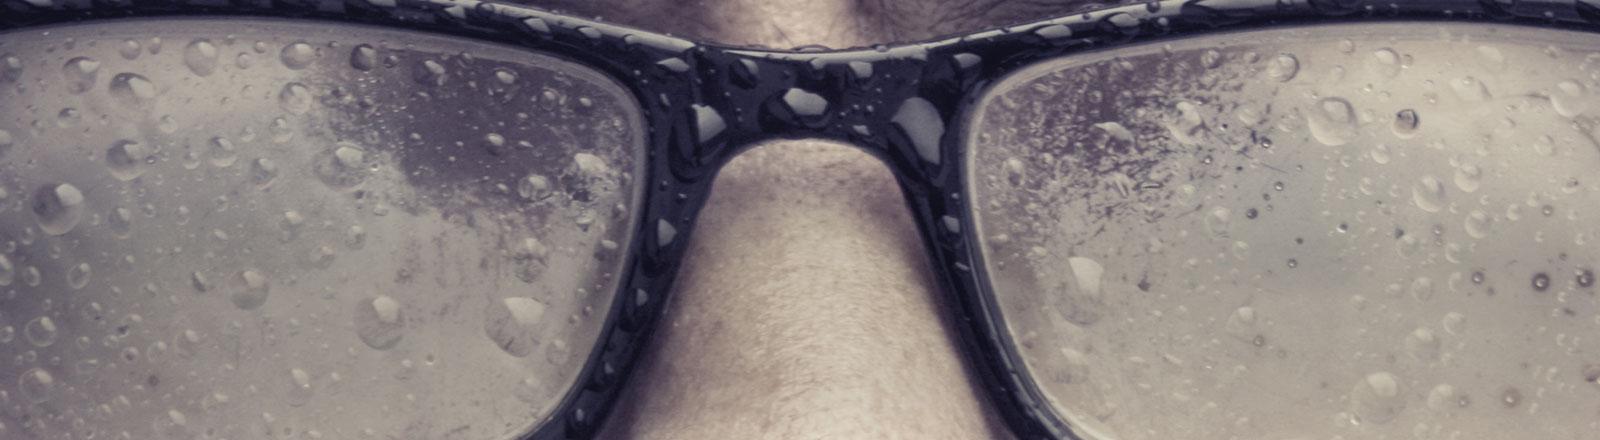 Eine beschlagene Brille auf einer Nase.